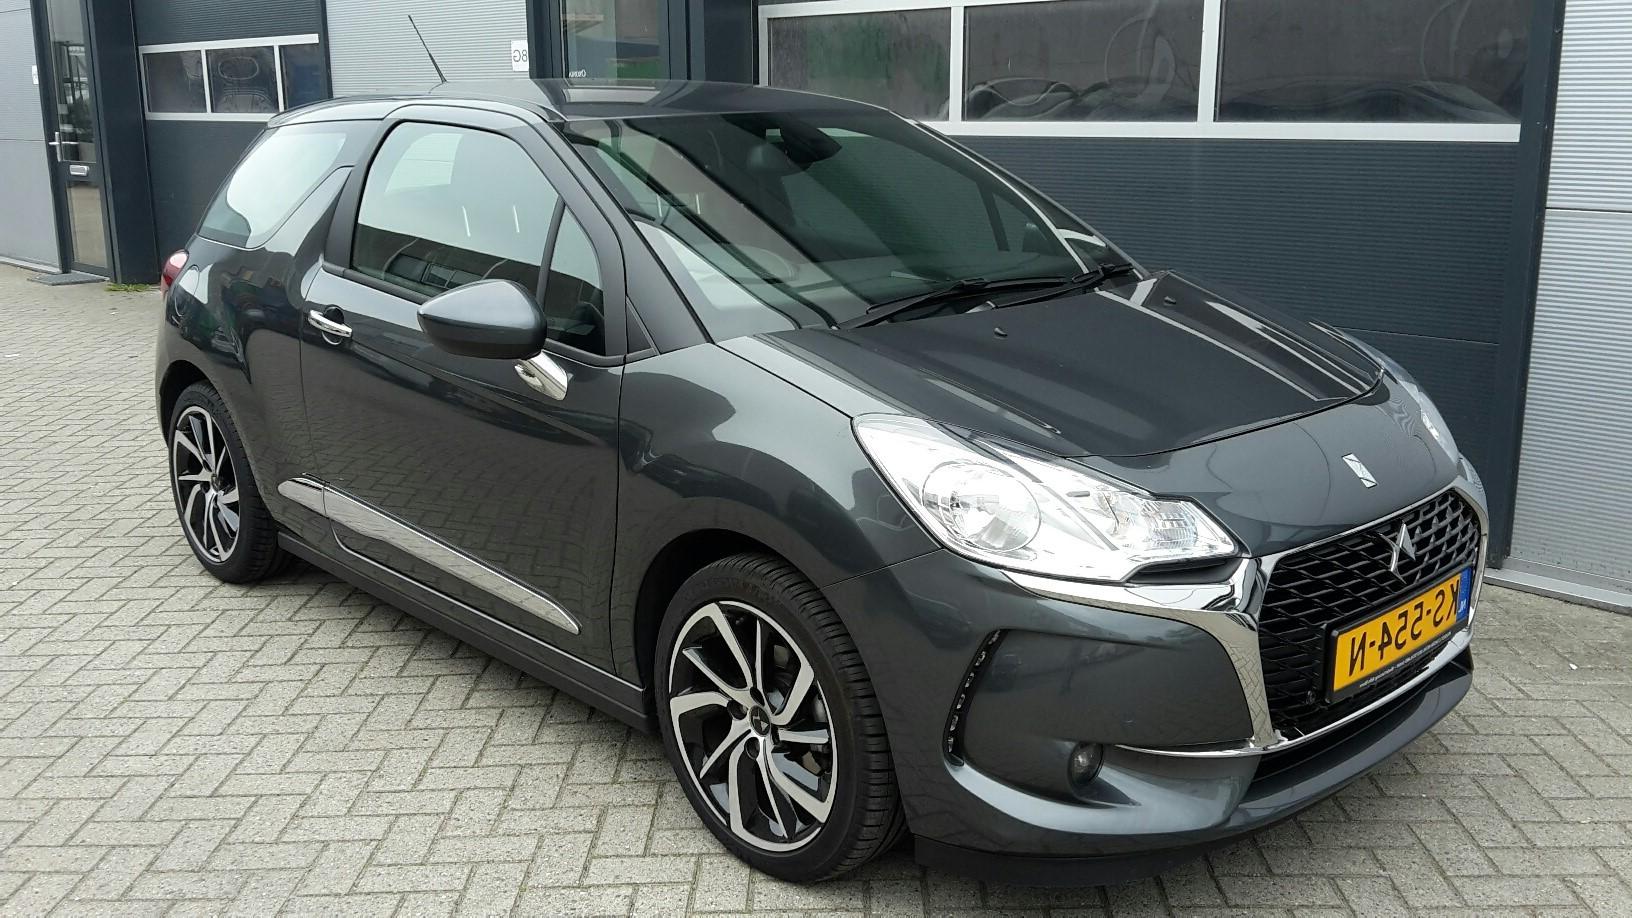 B-klasse: Renault Clio | VW Polo | Ford Fiesta